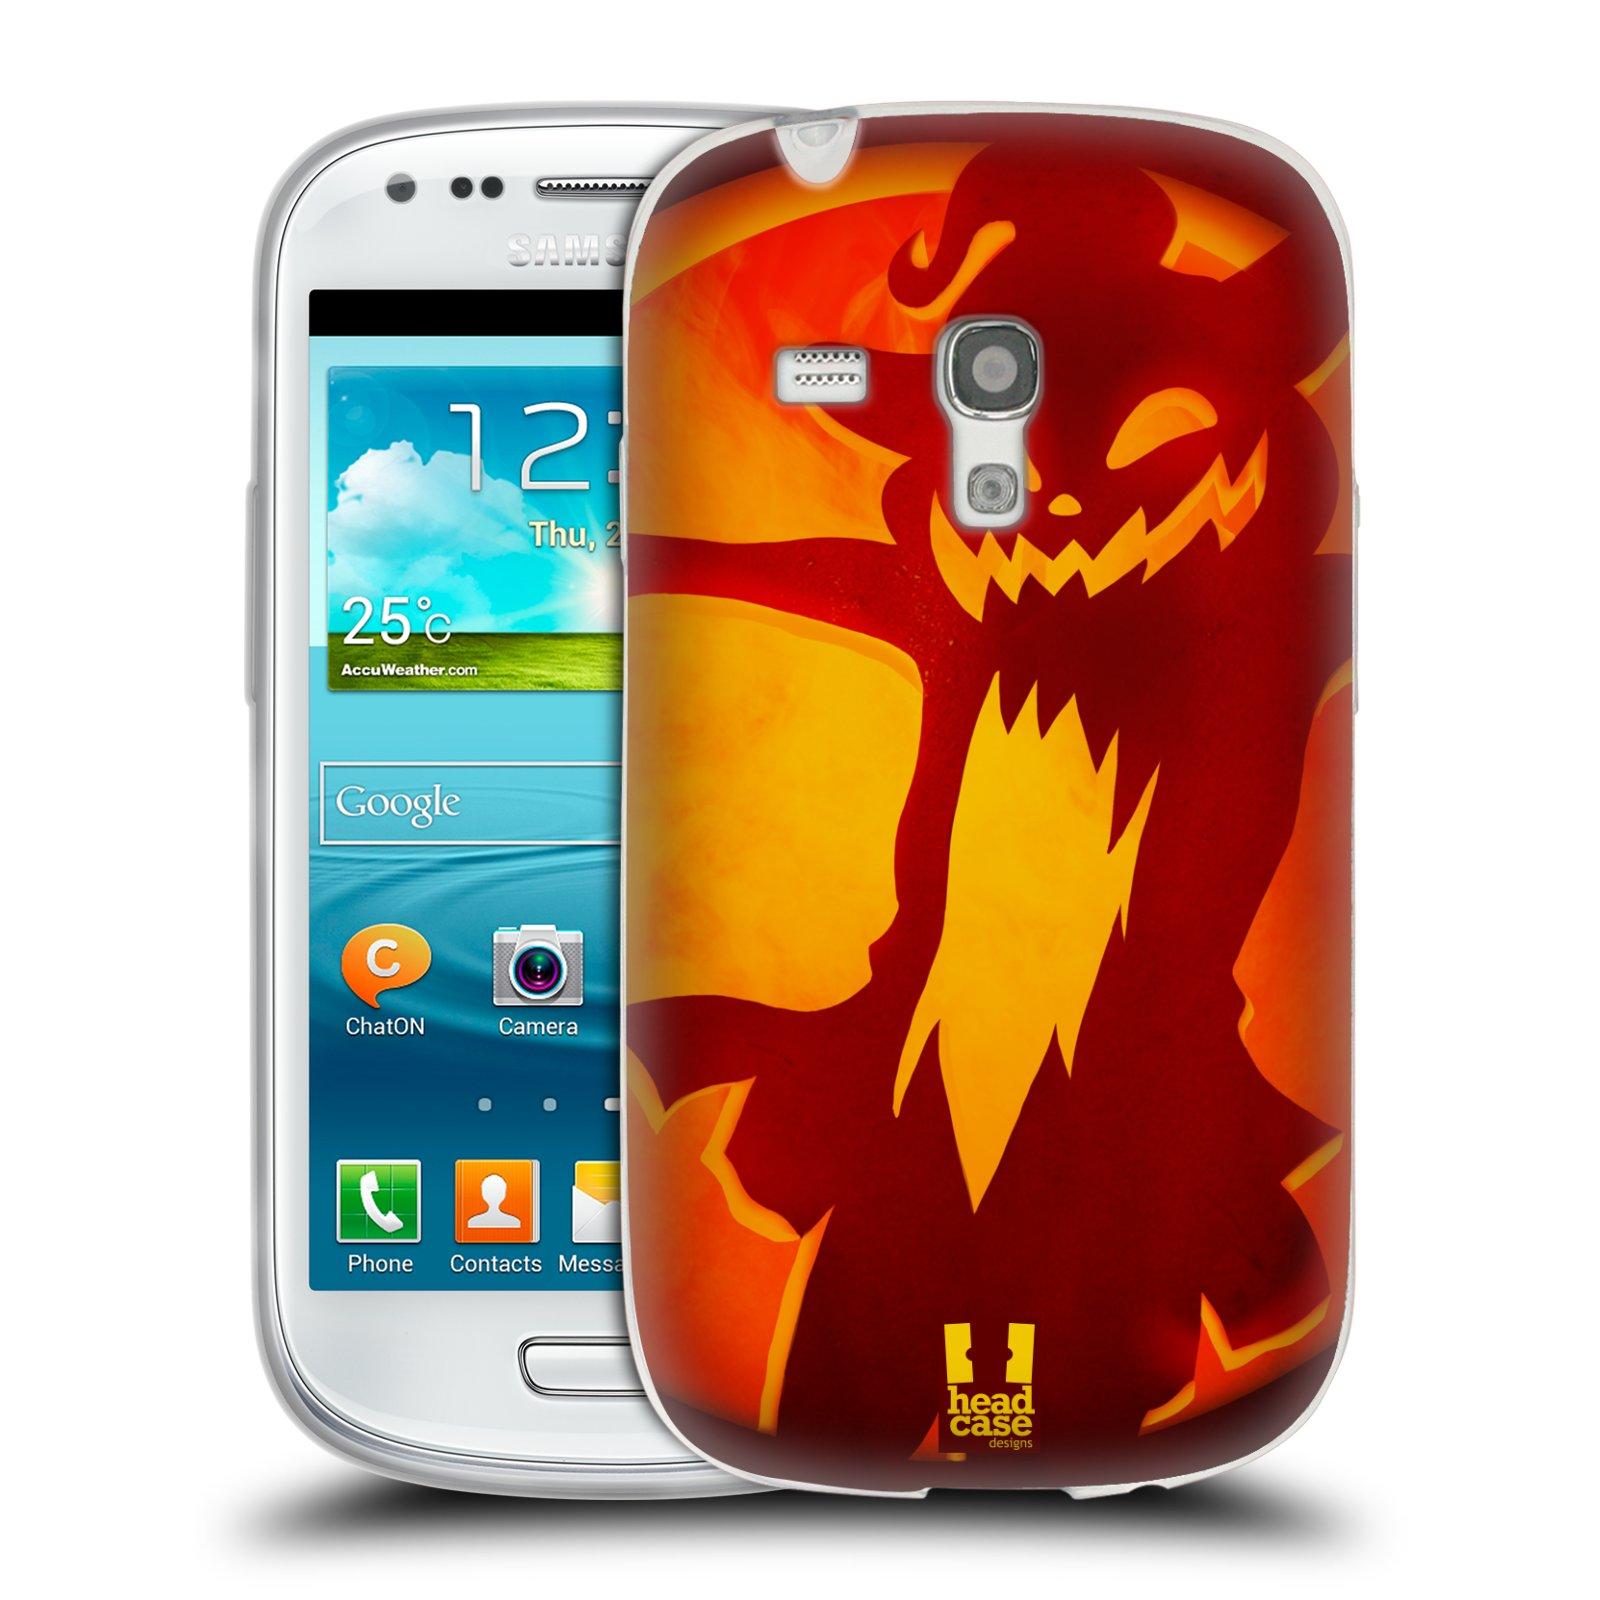 HEAD CASE silikonový obal na mobil Samsung Galaxy S3 MINI i8190 vzor odraz svítilny oranžová KOČKA 2